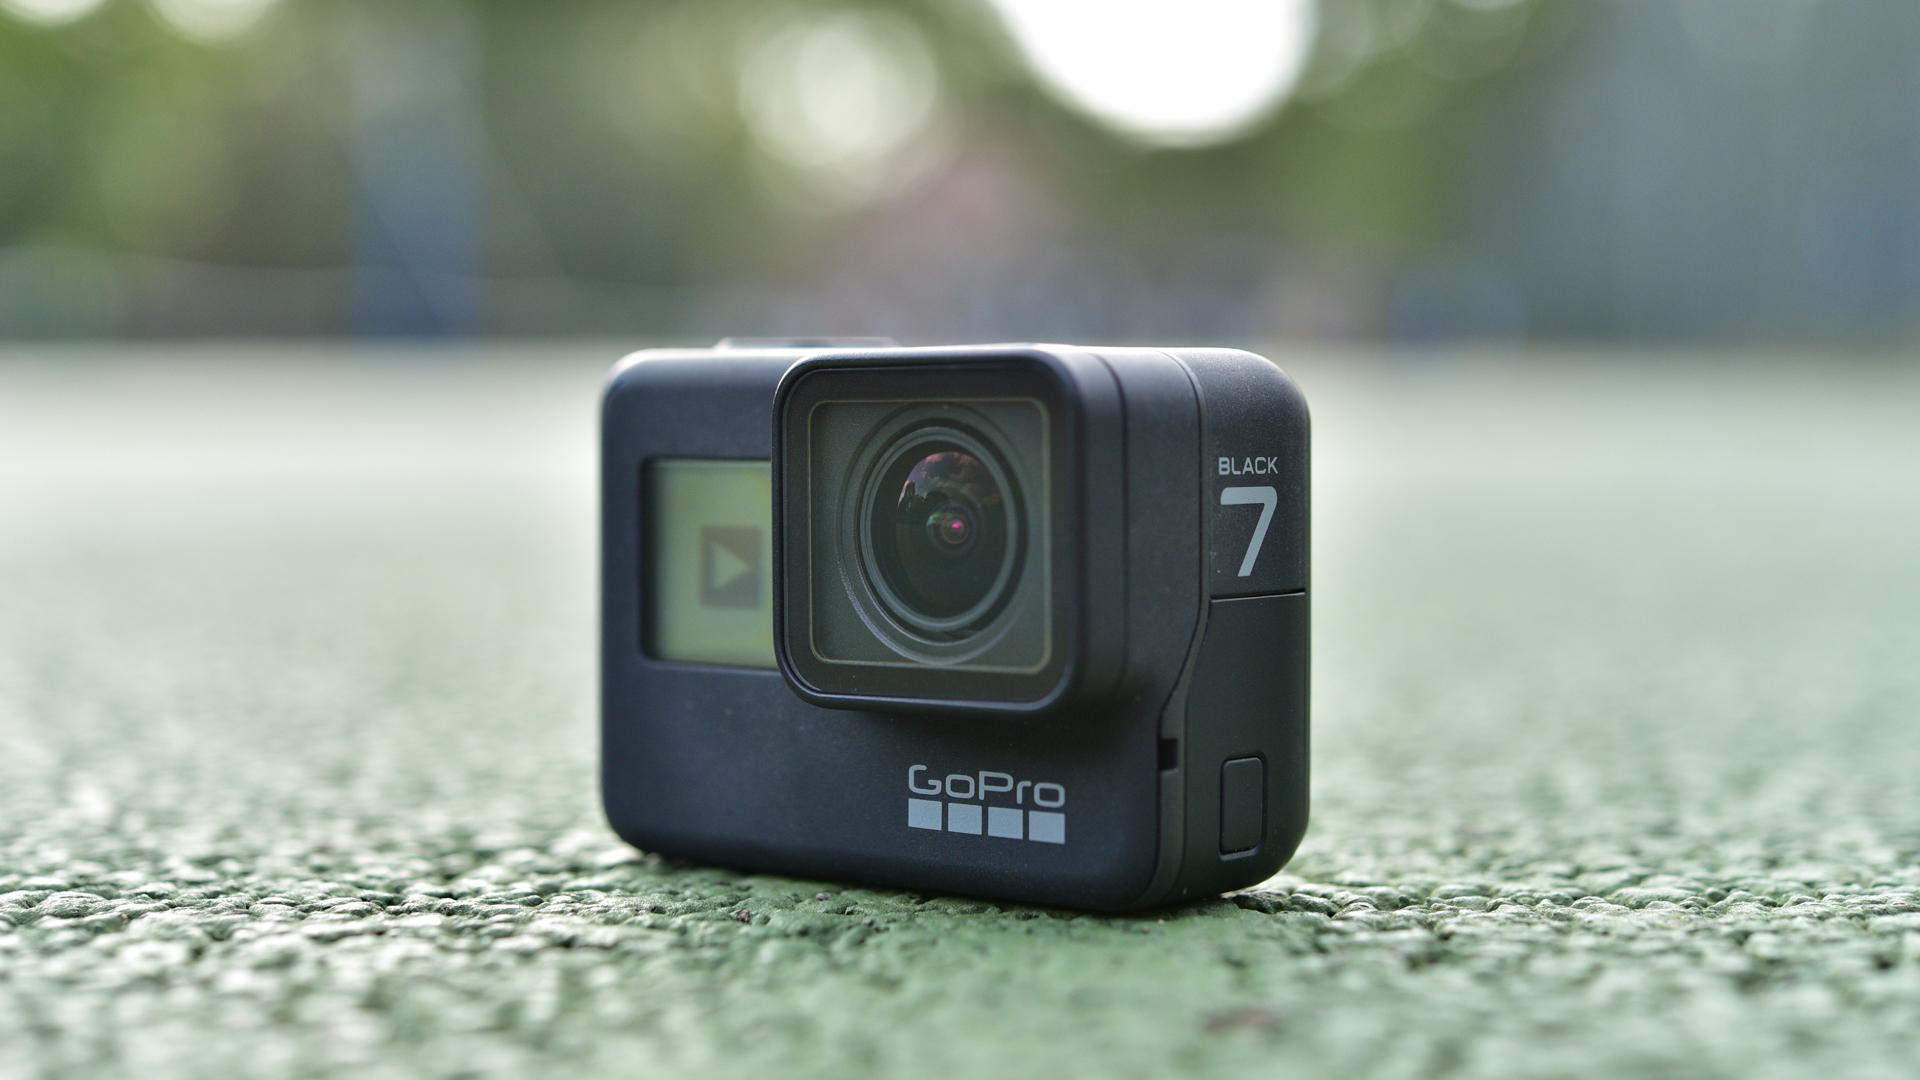 أفضل كاميرات الحركة: GoPro Hero7 Black